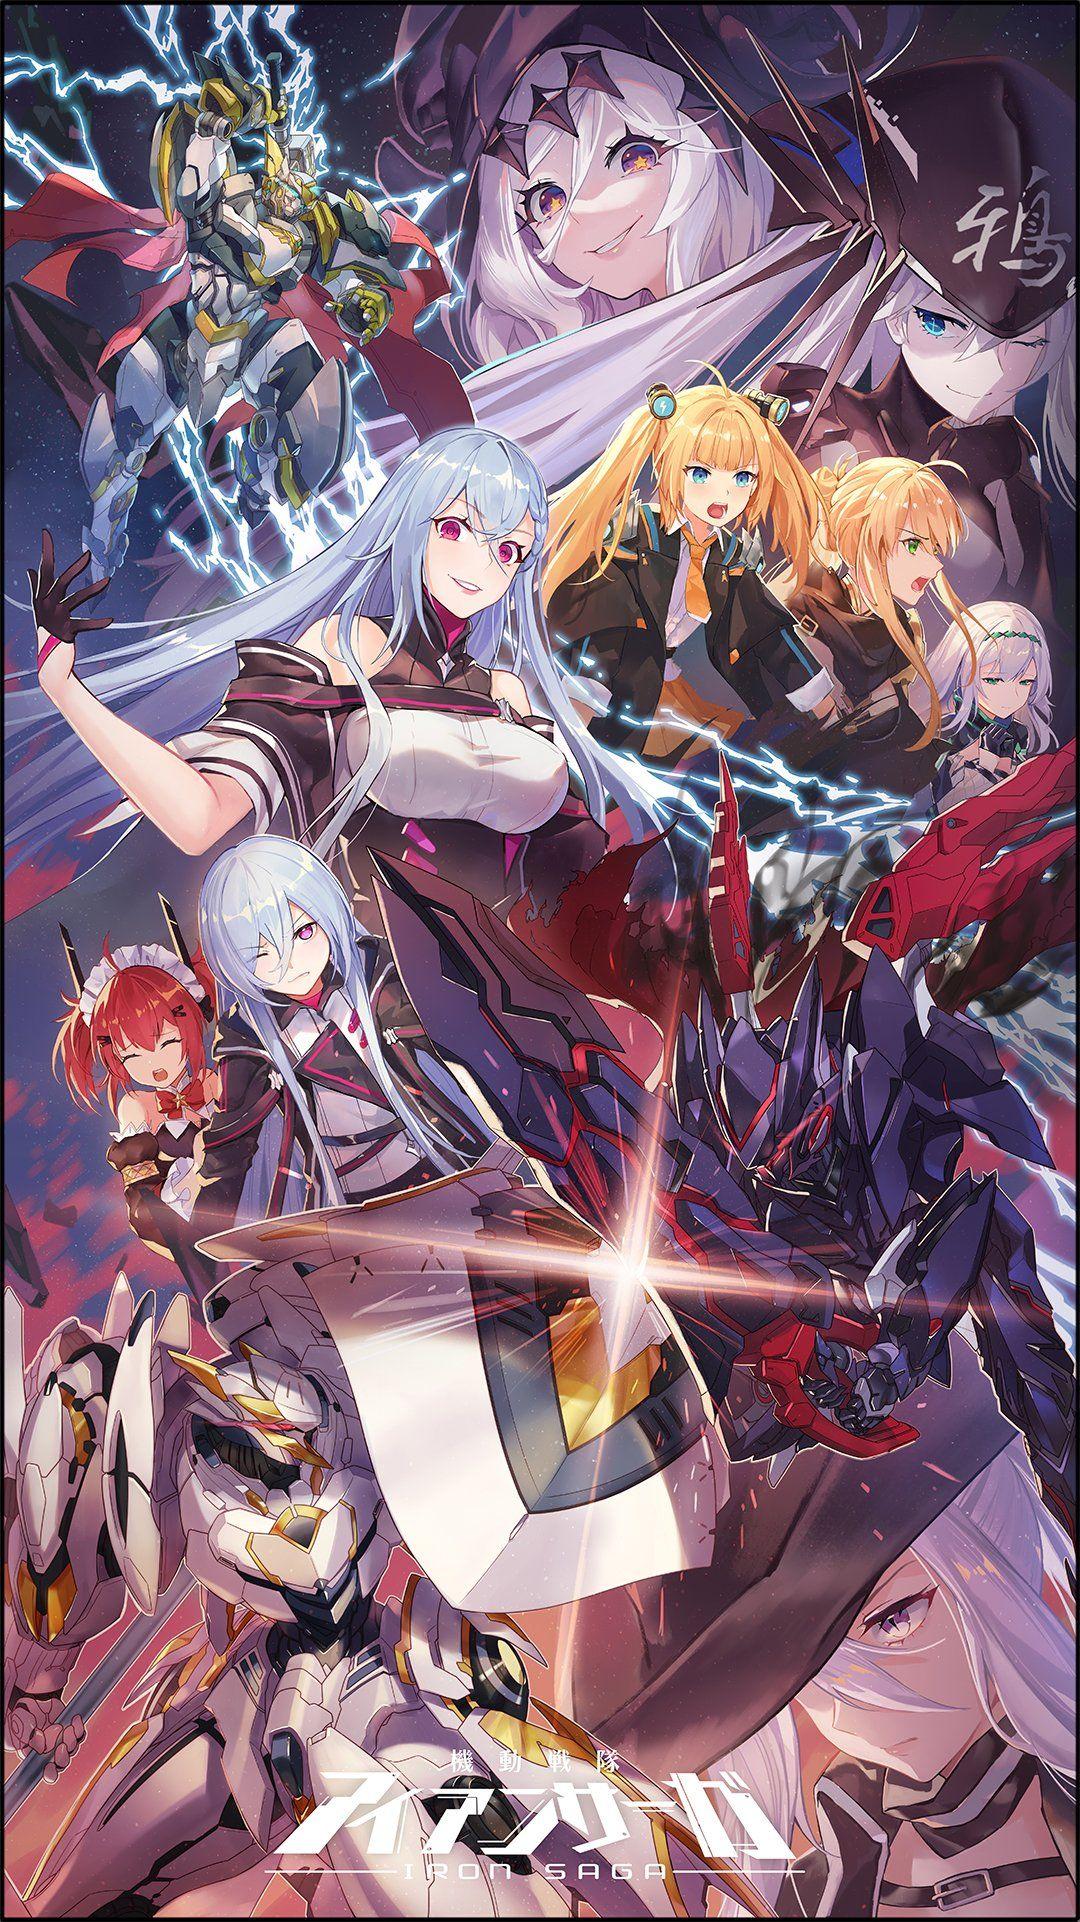 Criin On Twitter In 2020 Anime Artwork Dark Fantasy Art Anime Magi